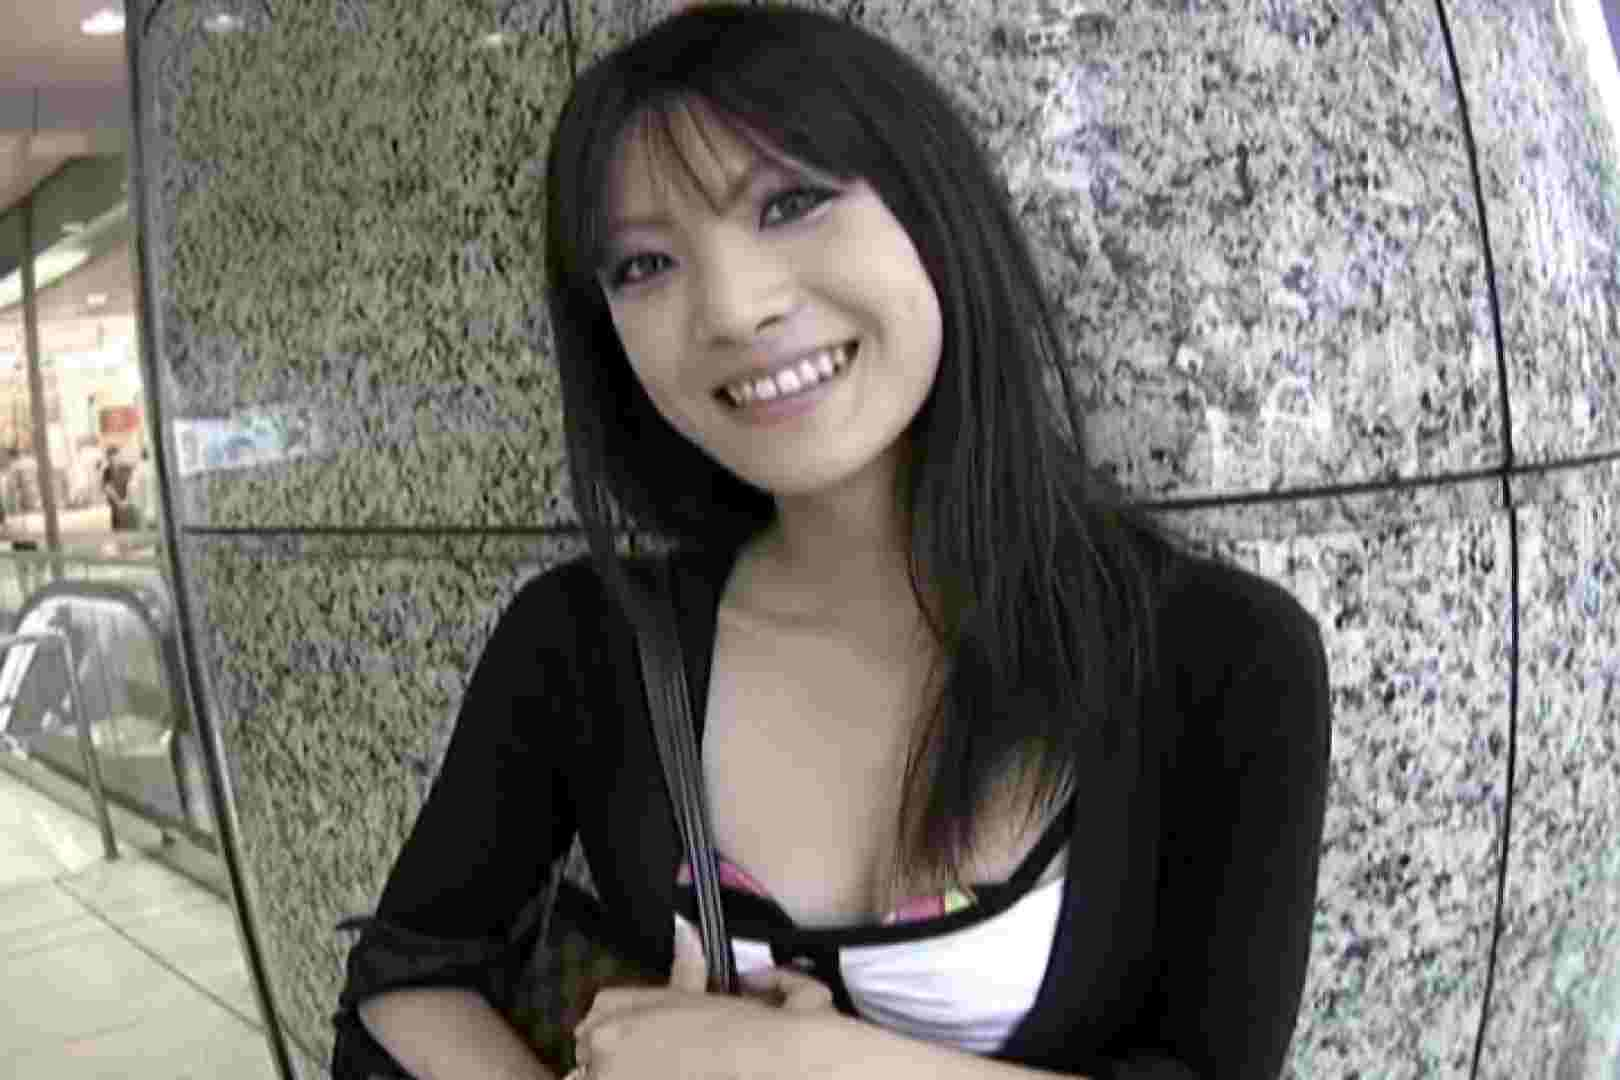 素人ナンパ本番撮り!出会い系でGET!Vol.15 フェラ | ナンパ  102pic 33